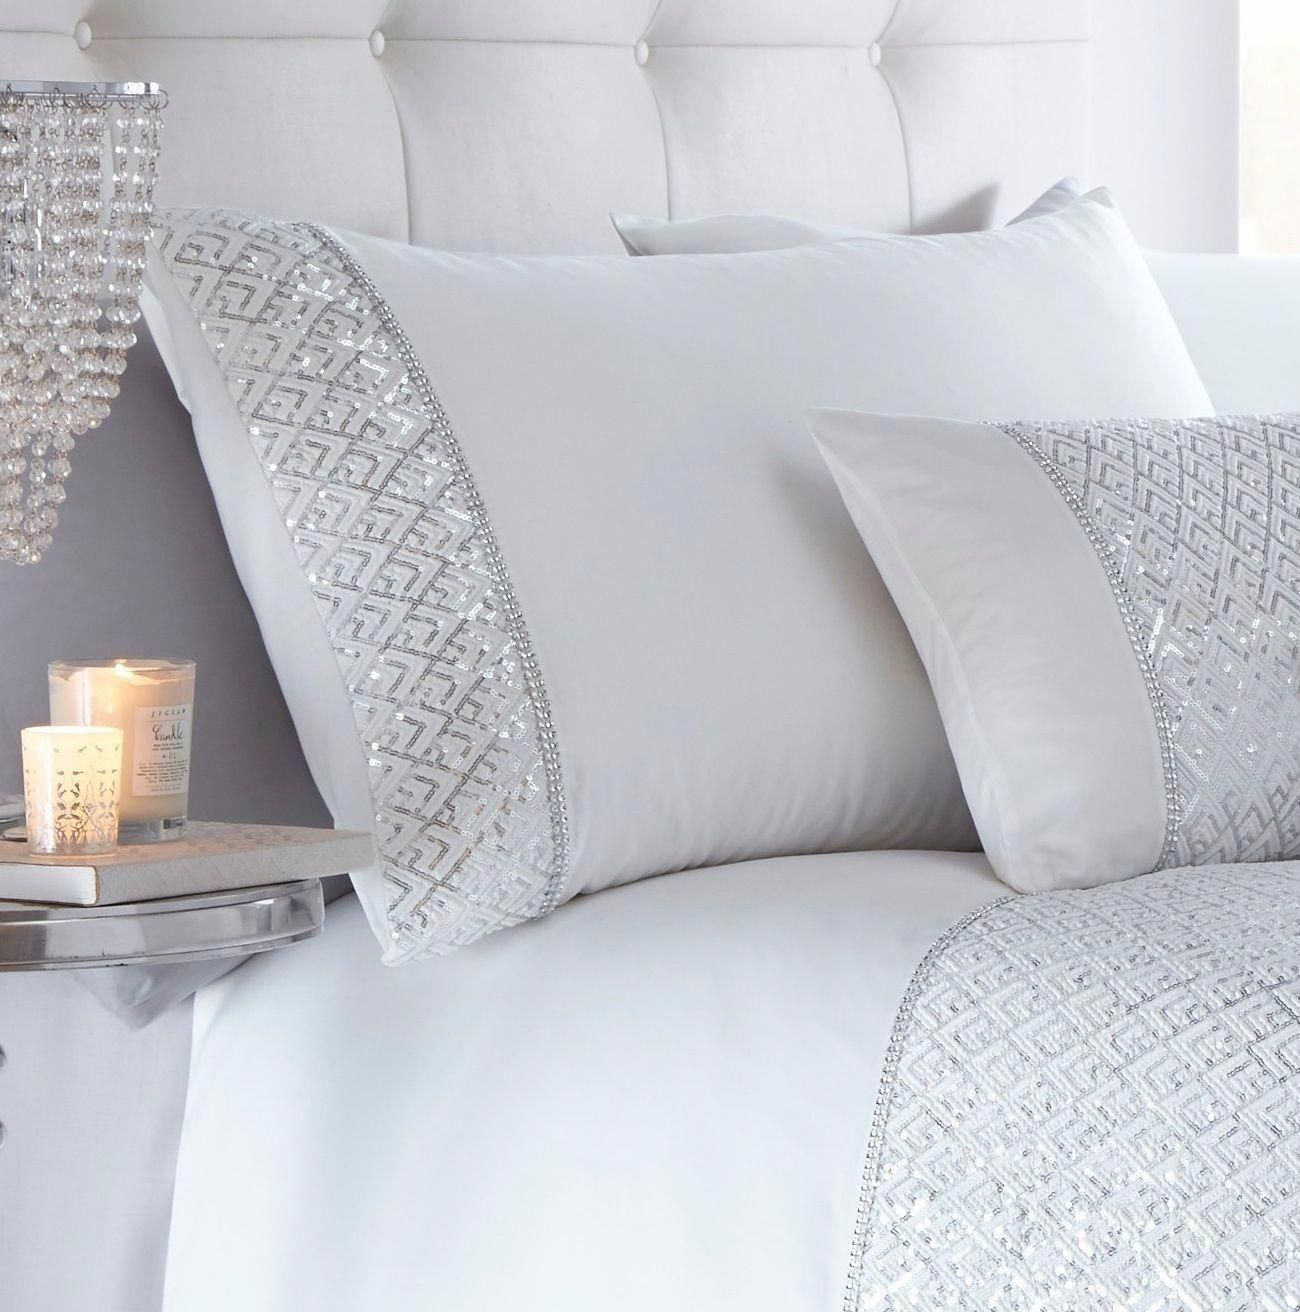 Bed Linen Sets Bedding